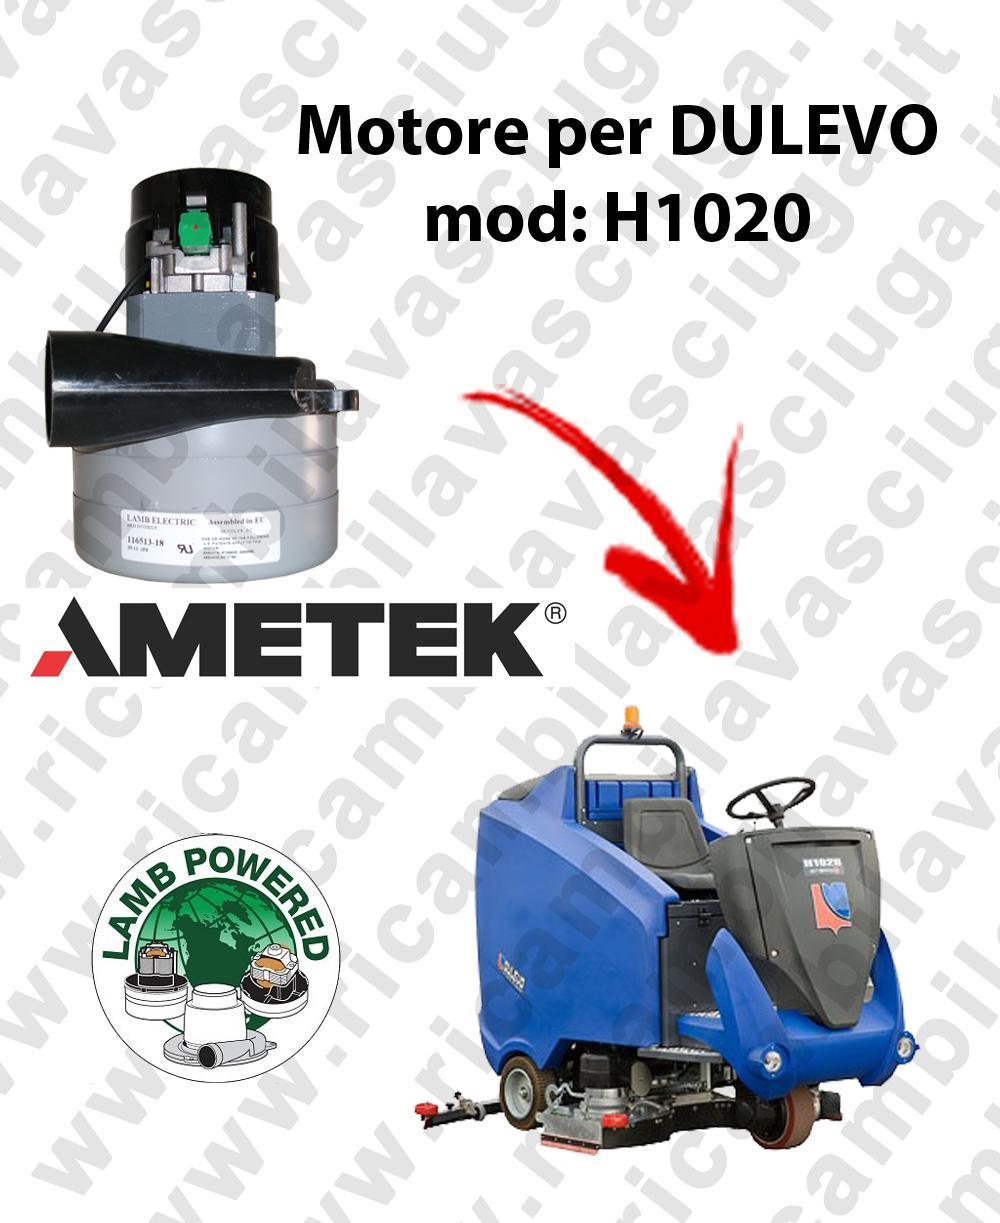 H1020 LAMB AMETEK vacuum motor for scrubber dryer DULEVO